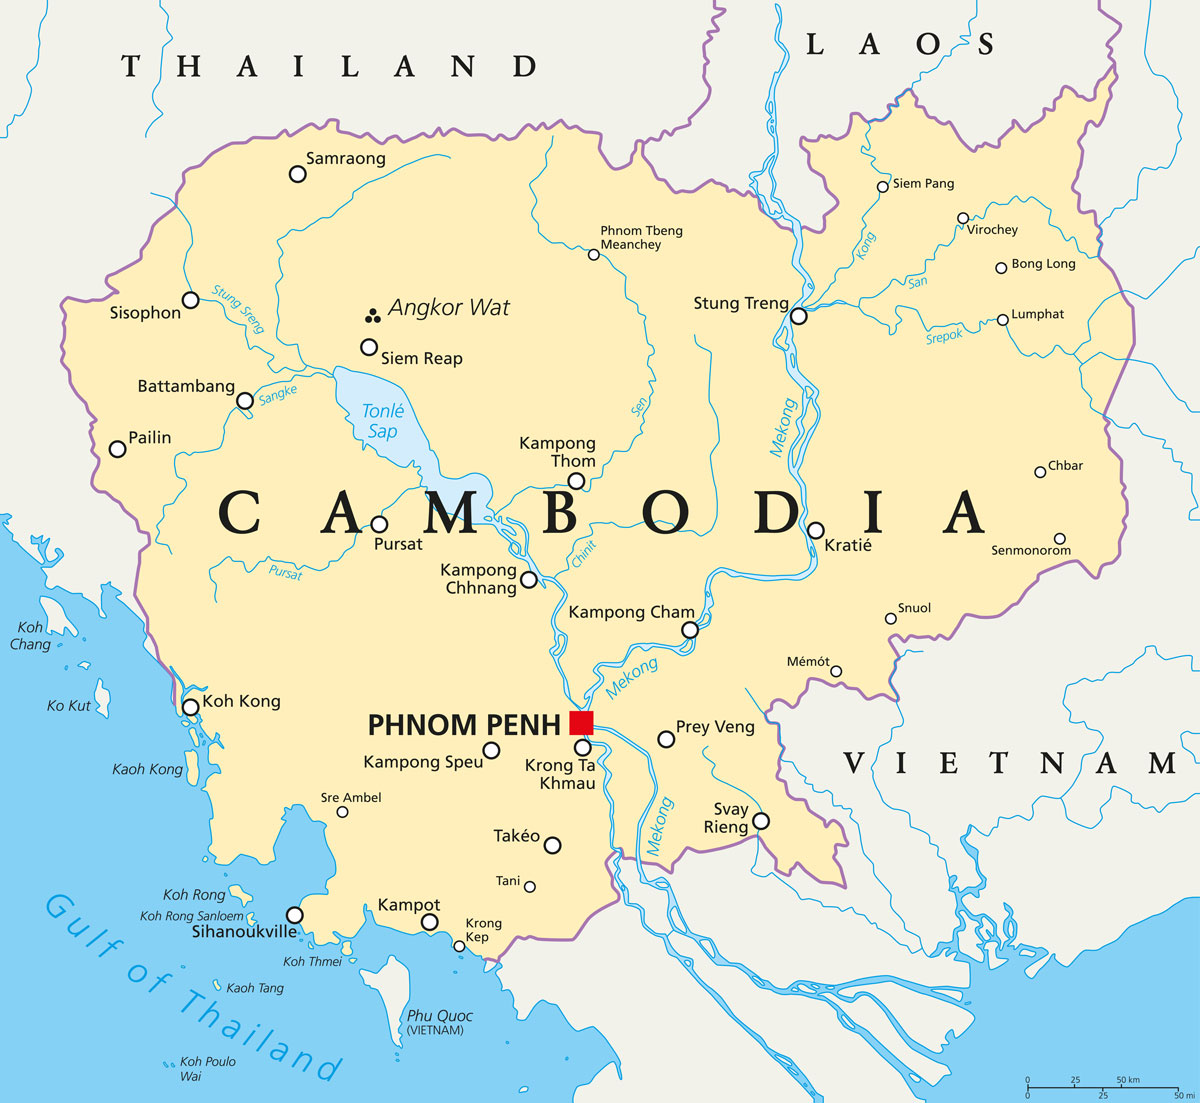 Die politische Landkarte von Kambodscha mit der Hauptstadt Phom Penh und angkor Wat im Norden (shutterstock.com/Peter Hermes Furian)